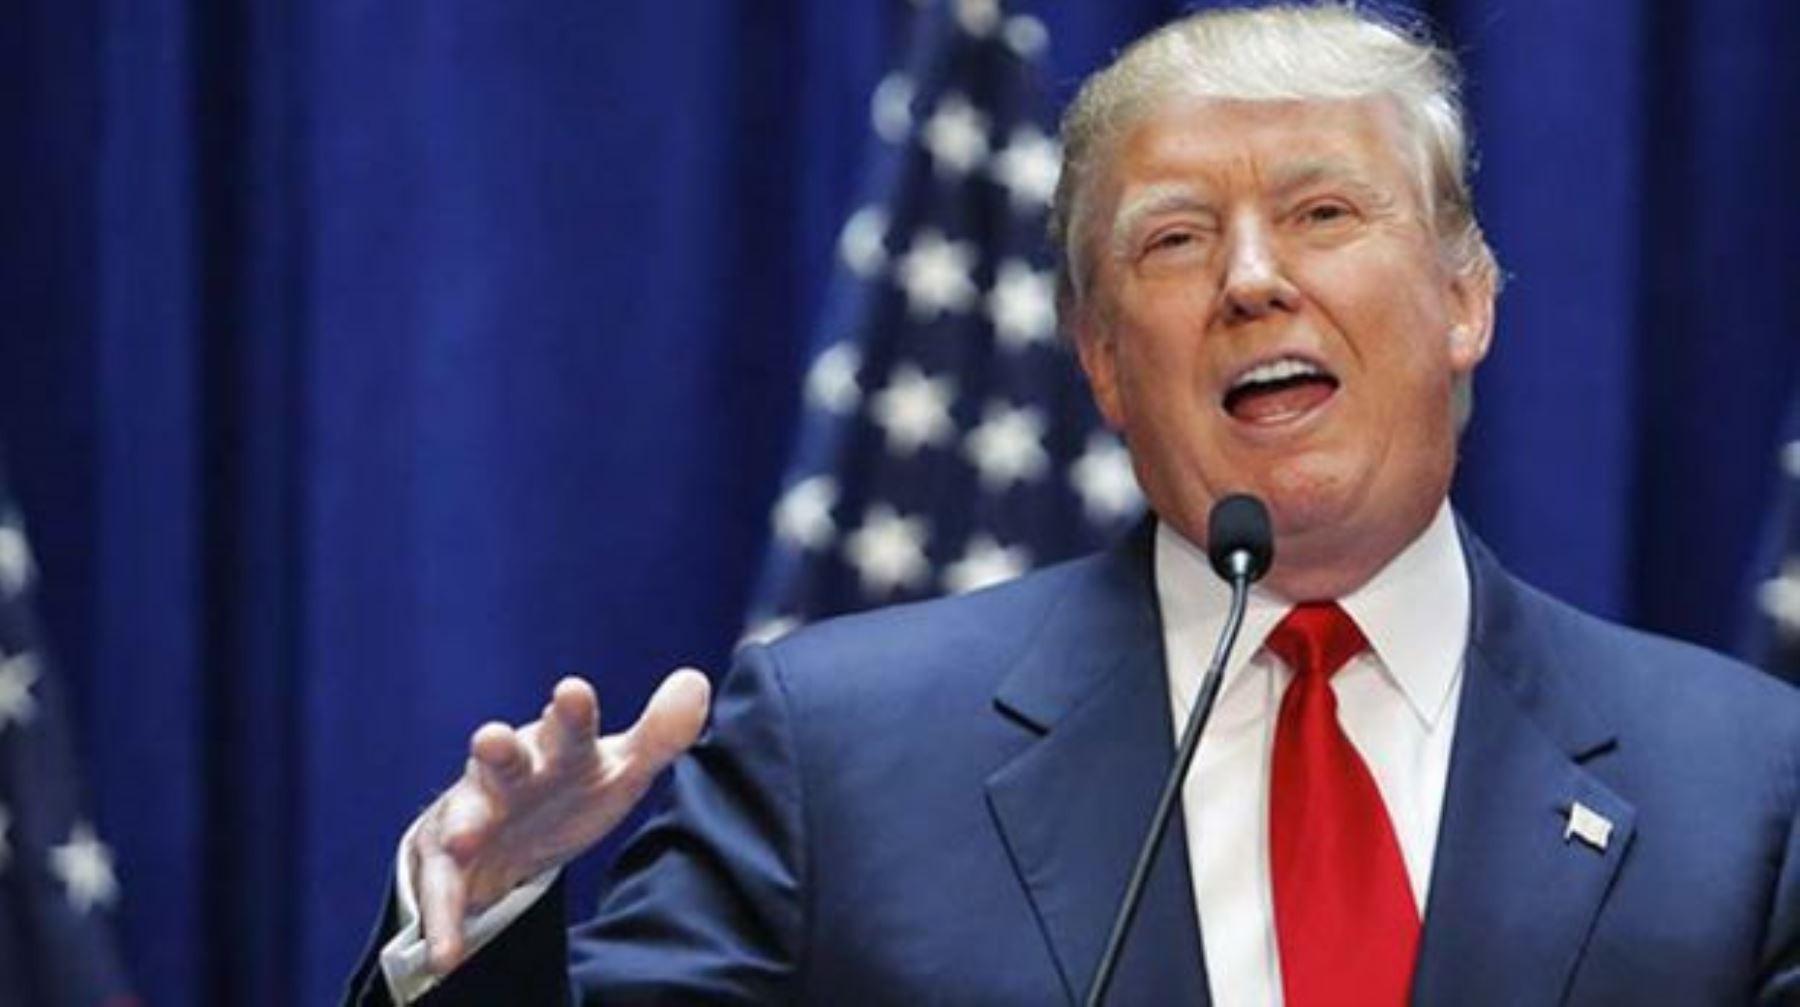 donald-trump-es-el-personaje-del-extranjero-con-mas-poder-desestabilizador